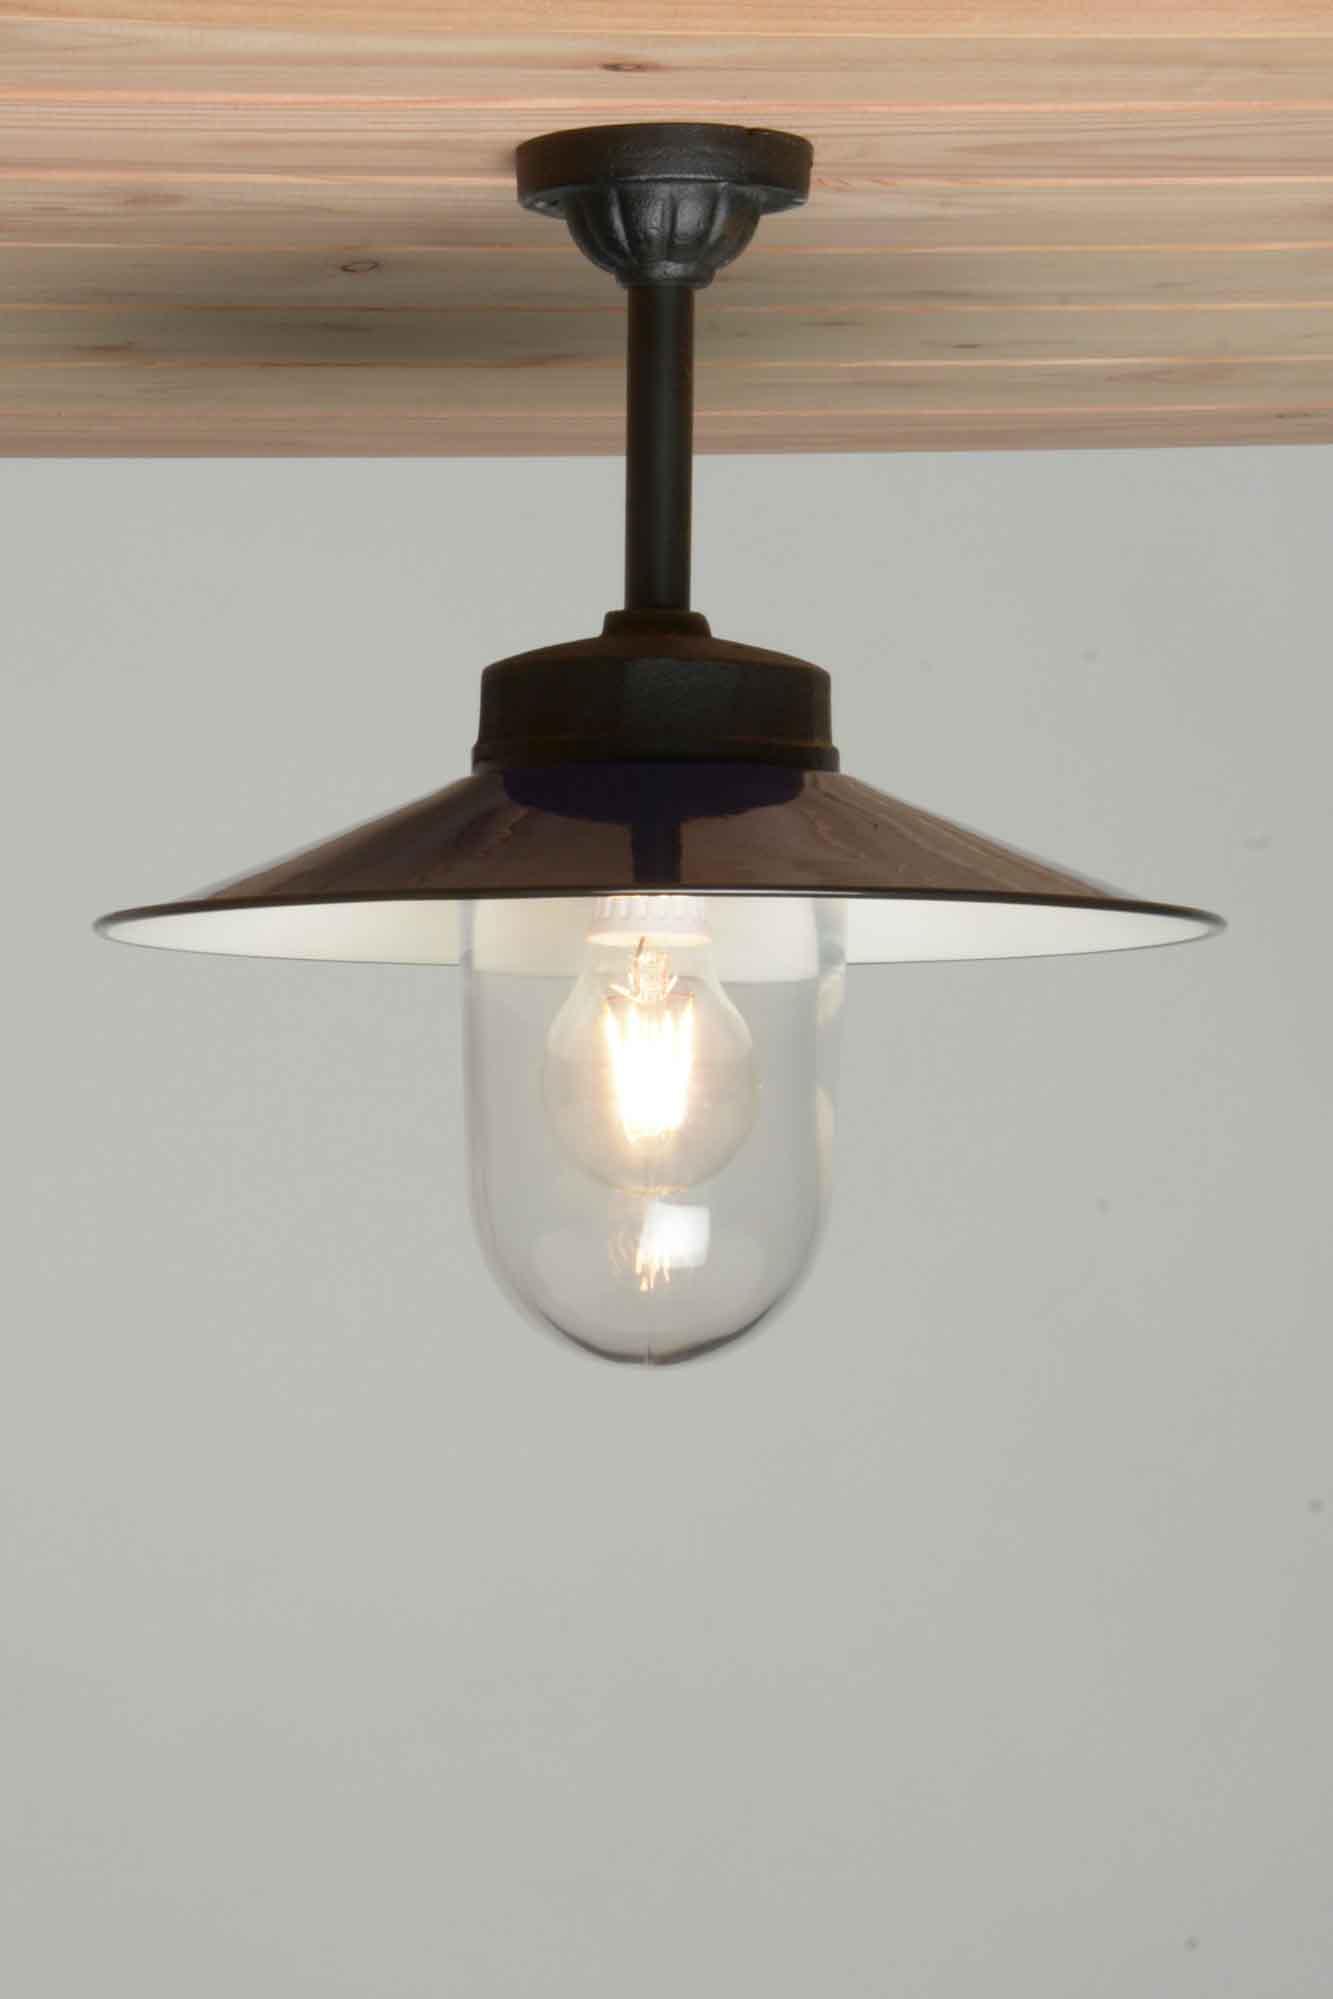 lampen h ngend inspiration f r beleuchtung lampen licht. Black Bedroom Furniture Sets. Home Design Ideas